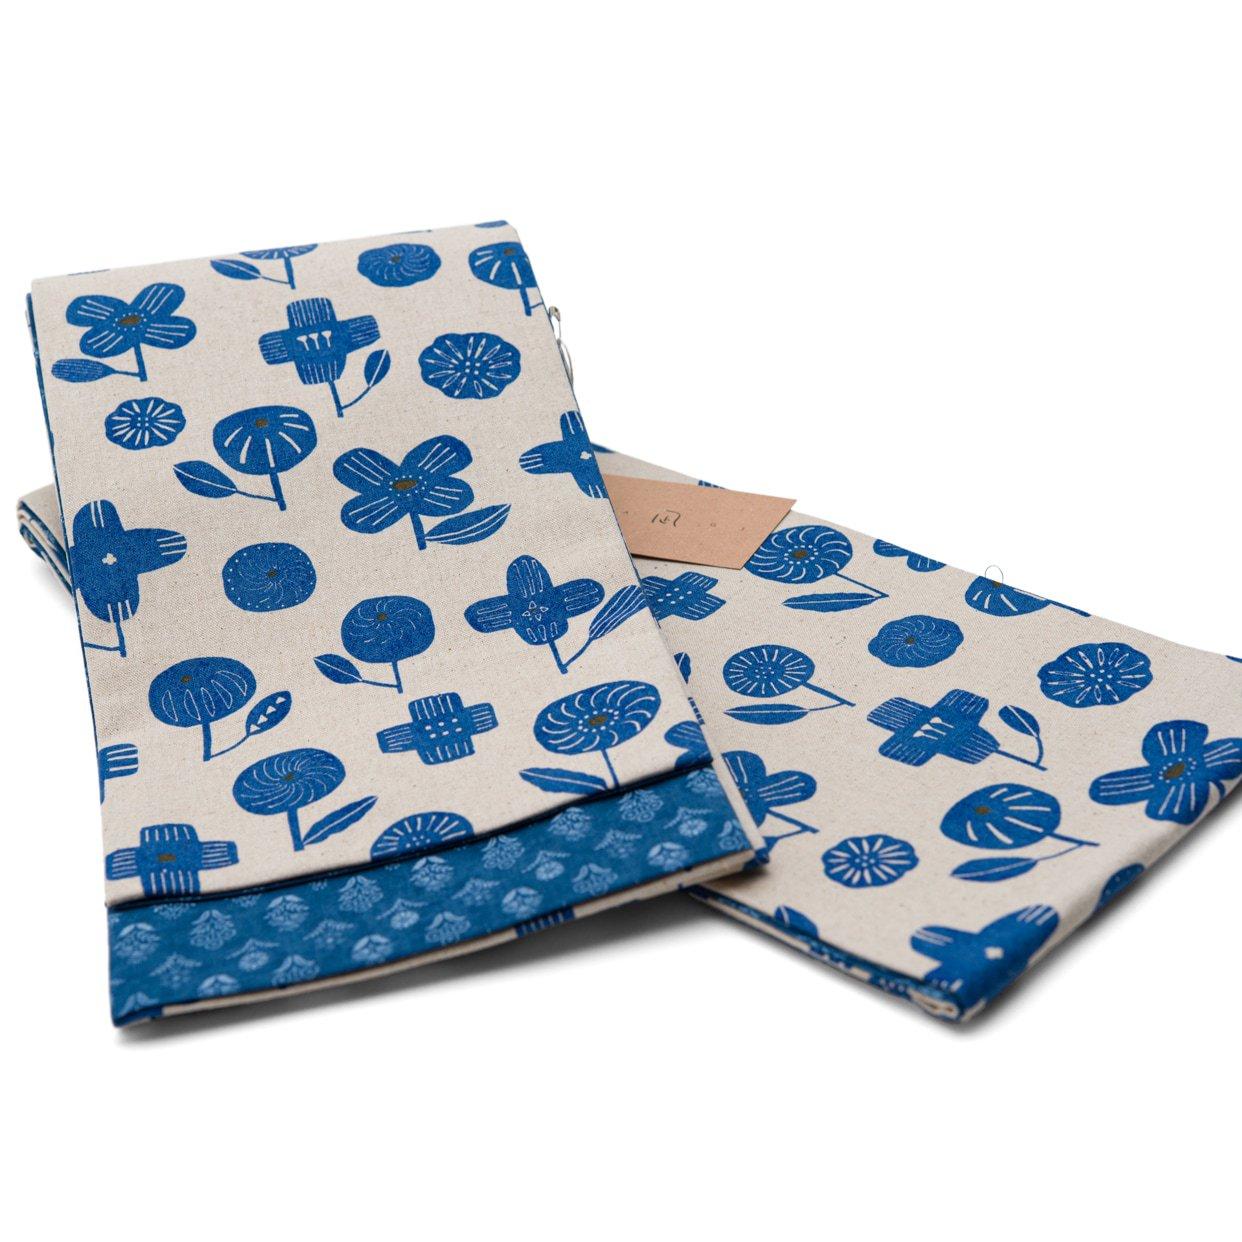 「Nagi 綿麻リバーシブル半幅帯 BLUE」の商品画像